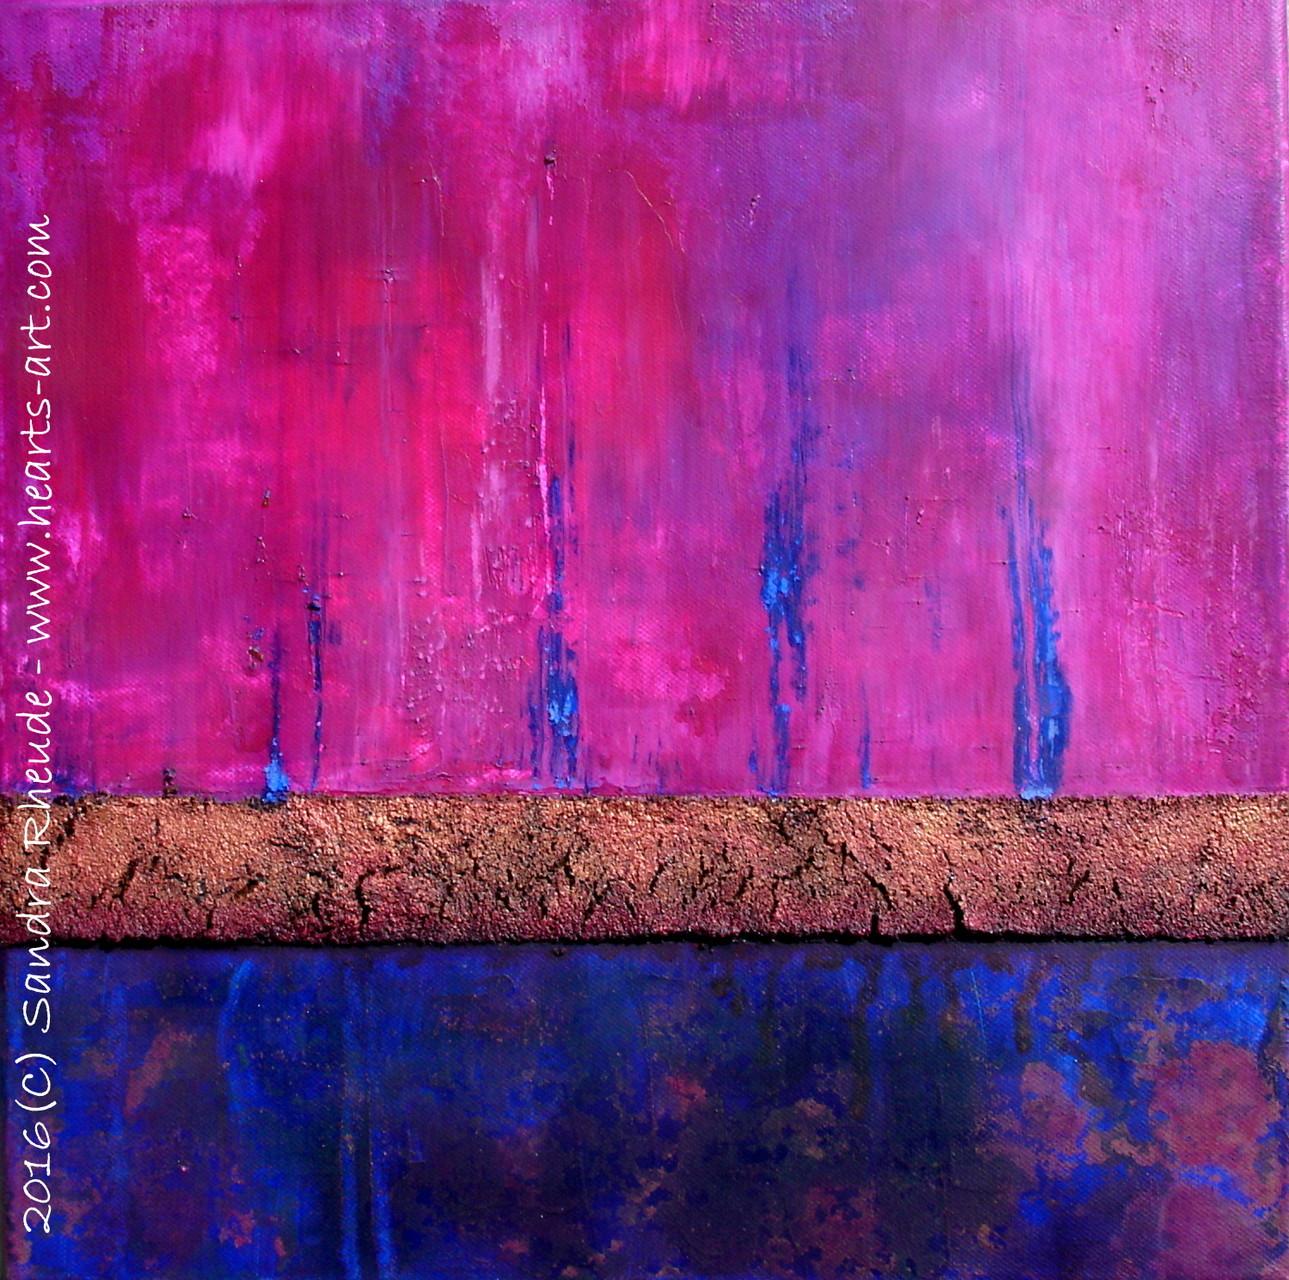 'Purple Passion' - 2016/6 - Acryl/MixedMedia auf Leinwand - 40 x 40 cm - € 180 - kann auch kopfüber aufgehängt werden